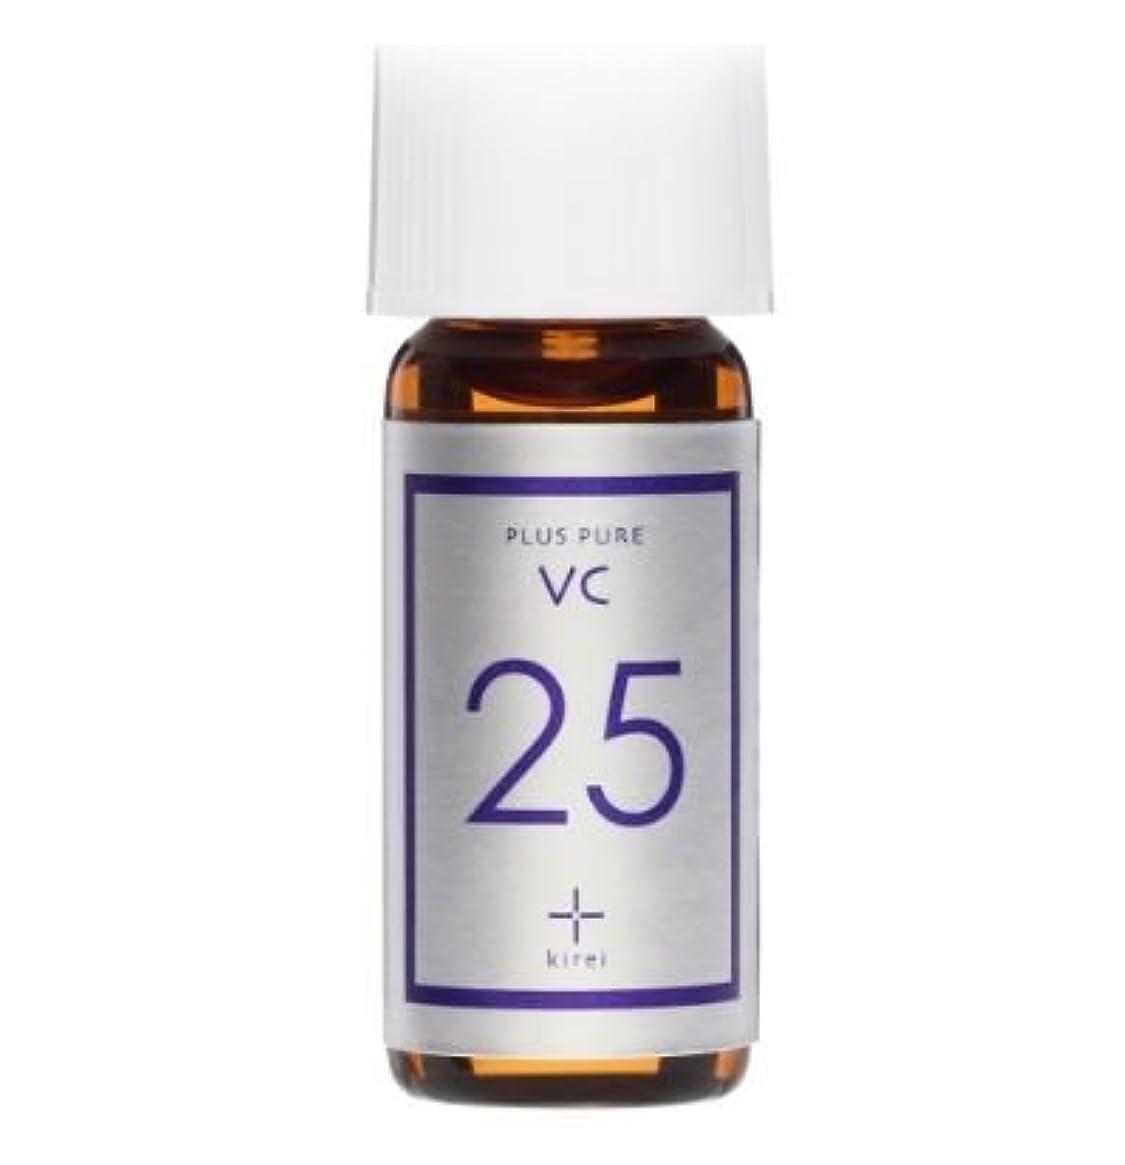 ビタミンC 美容液 プラスキレイ プラスピュアVC25ミニ ピュアビタミンC25%配合 両親媒性美容液